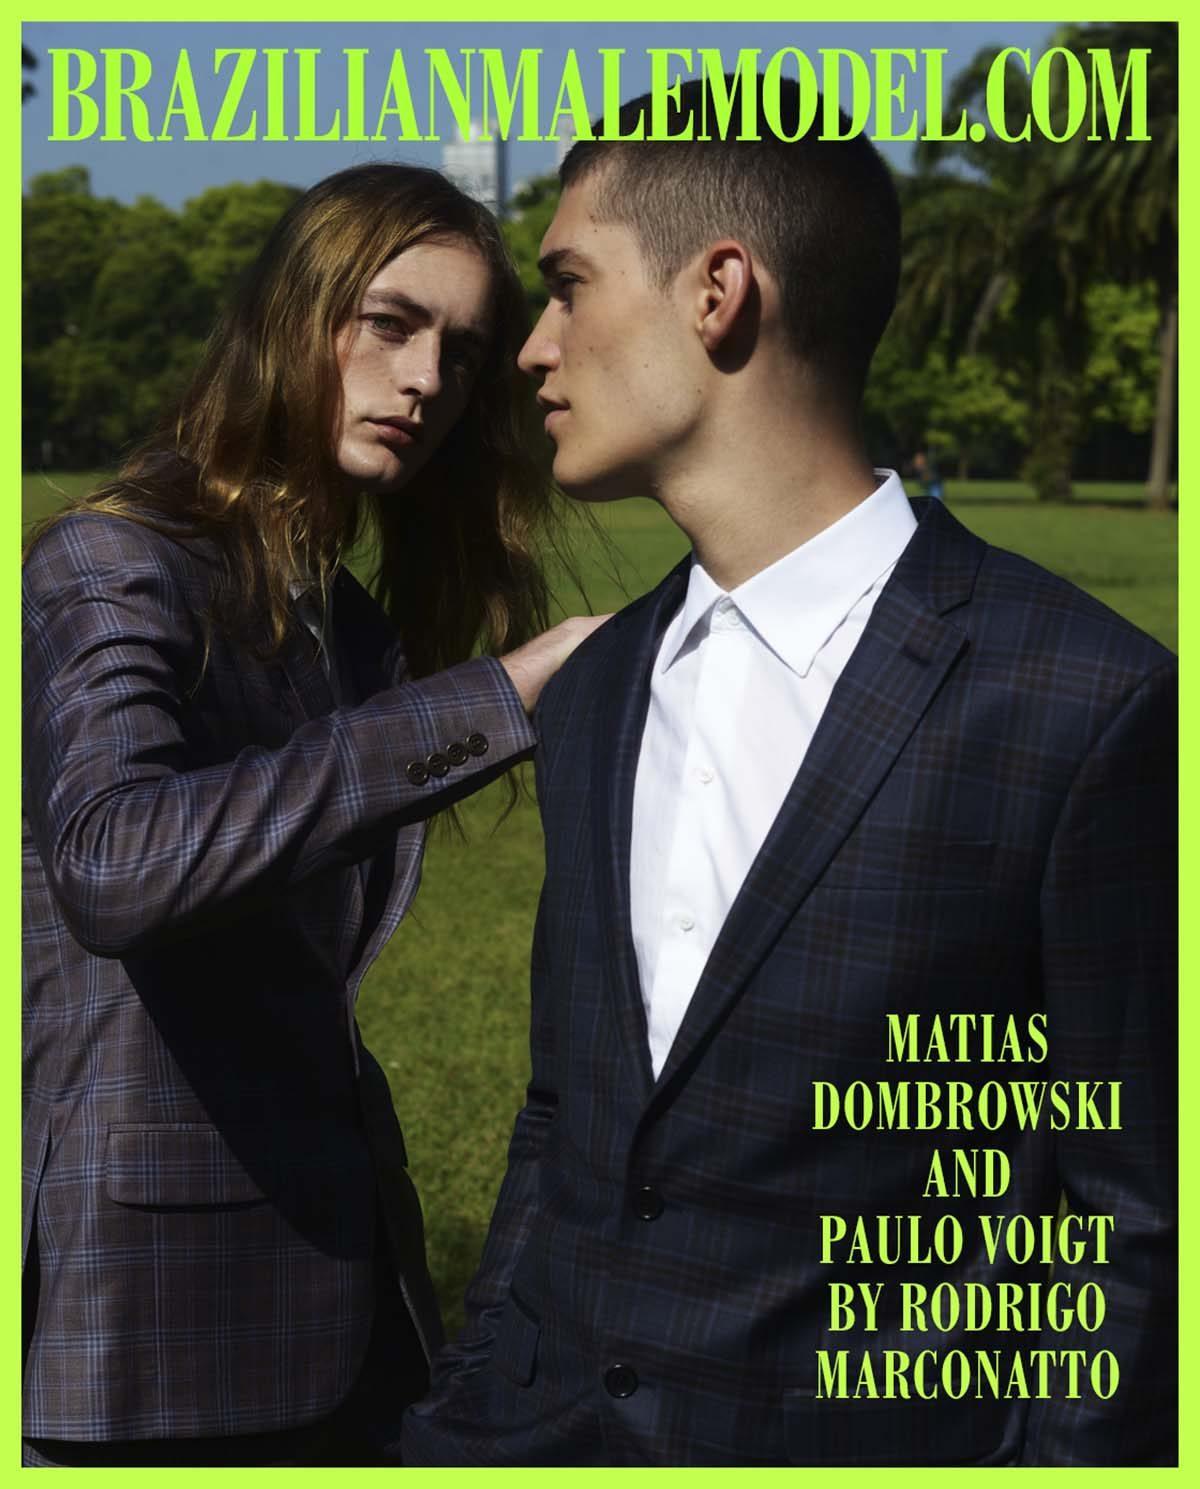 Matias Dombrowki and Paulo Voigt by Rodrigo Marconatto